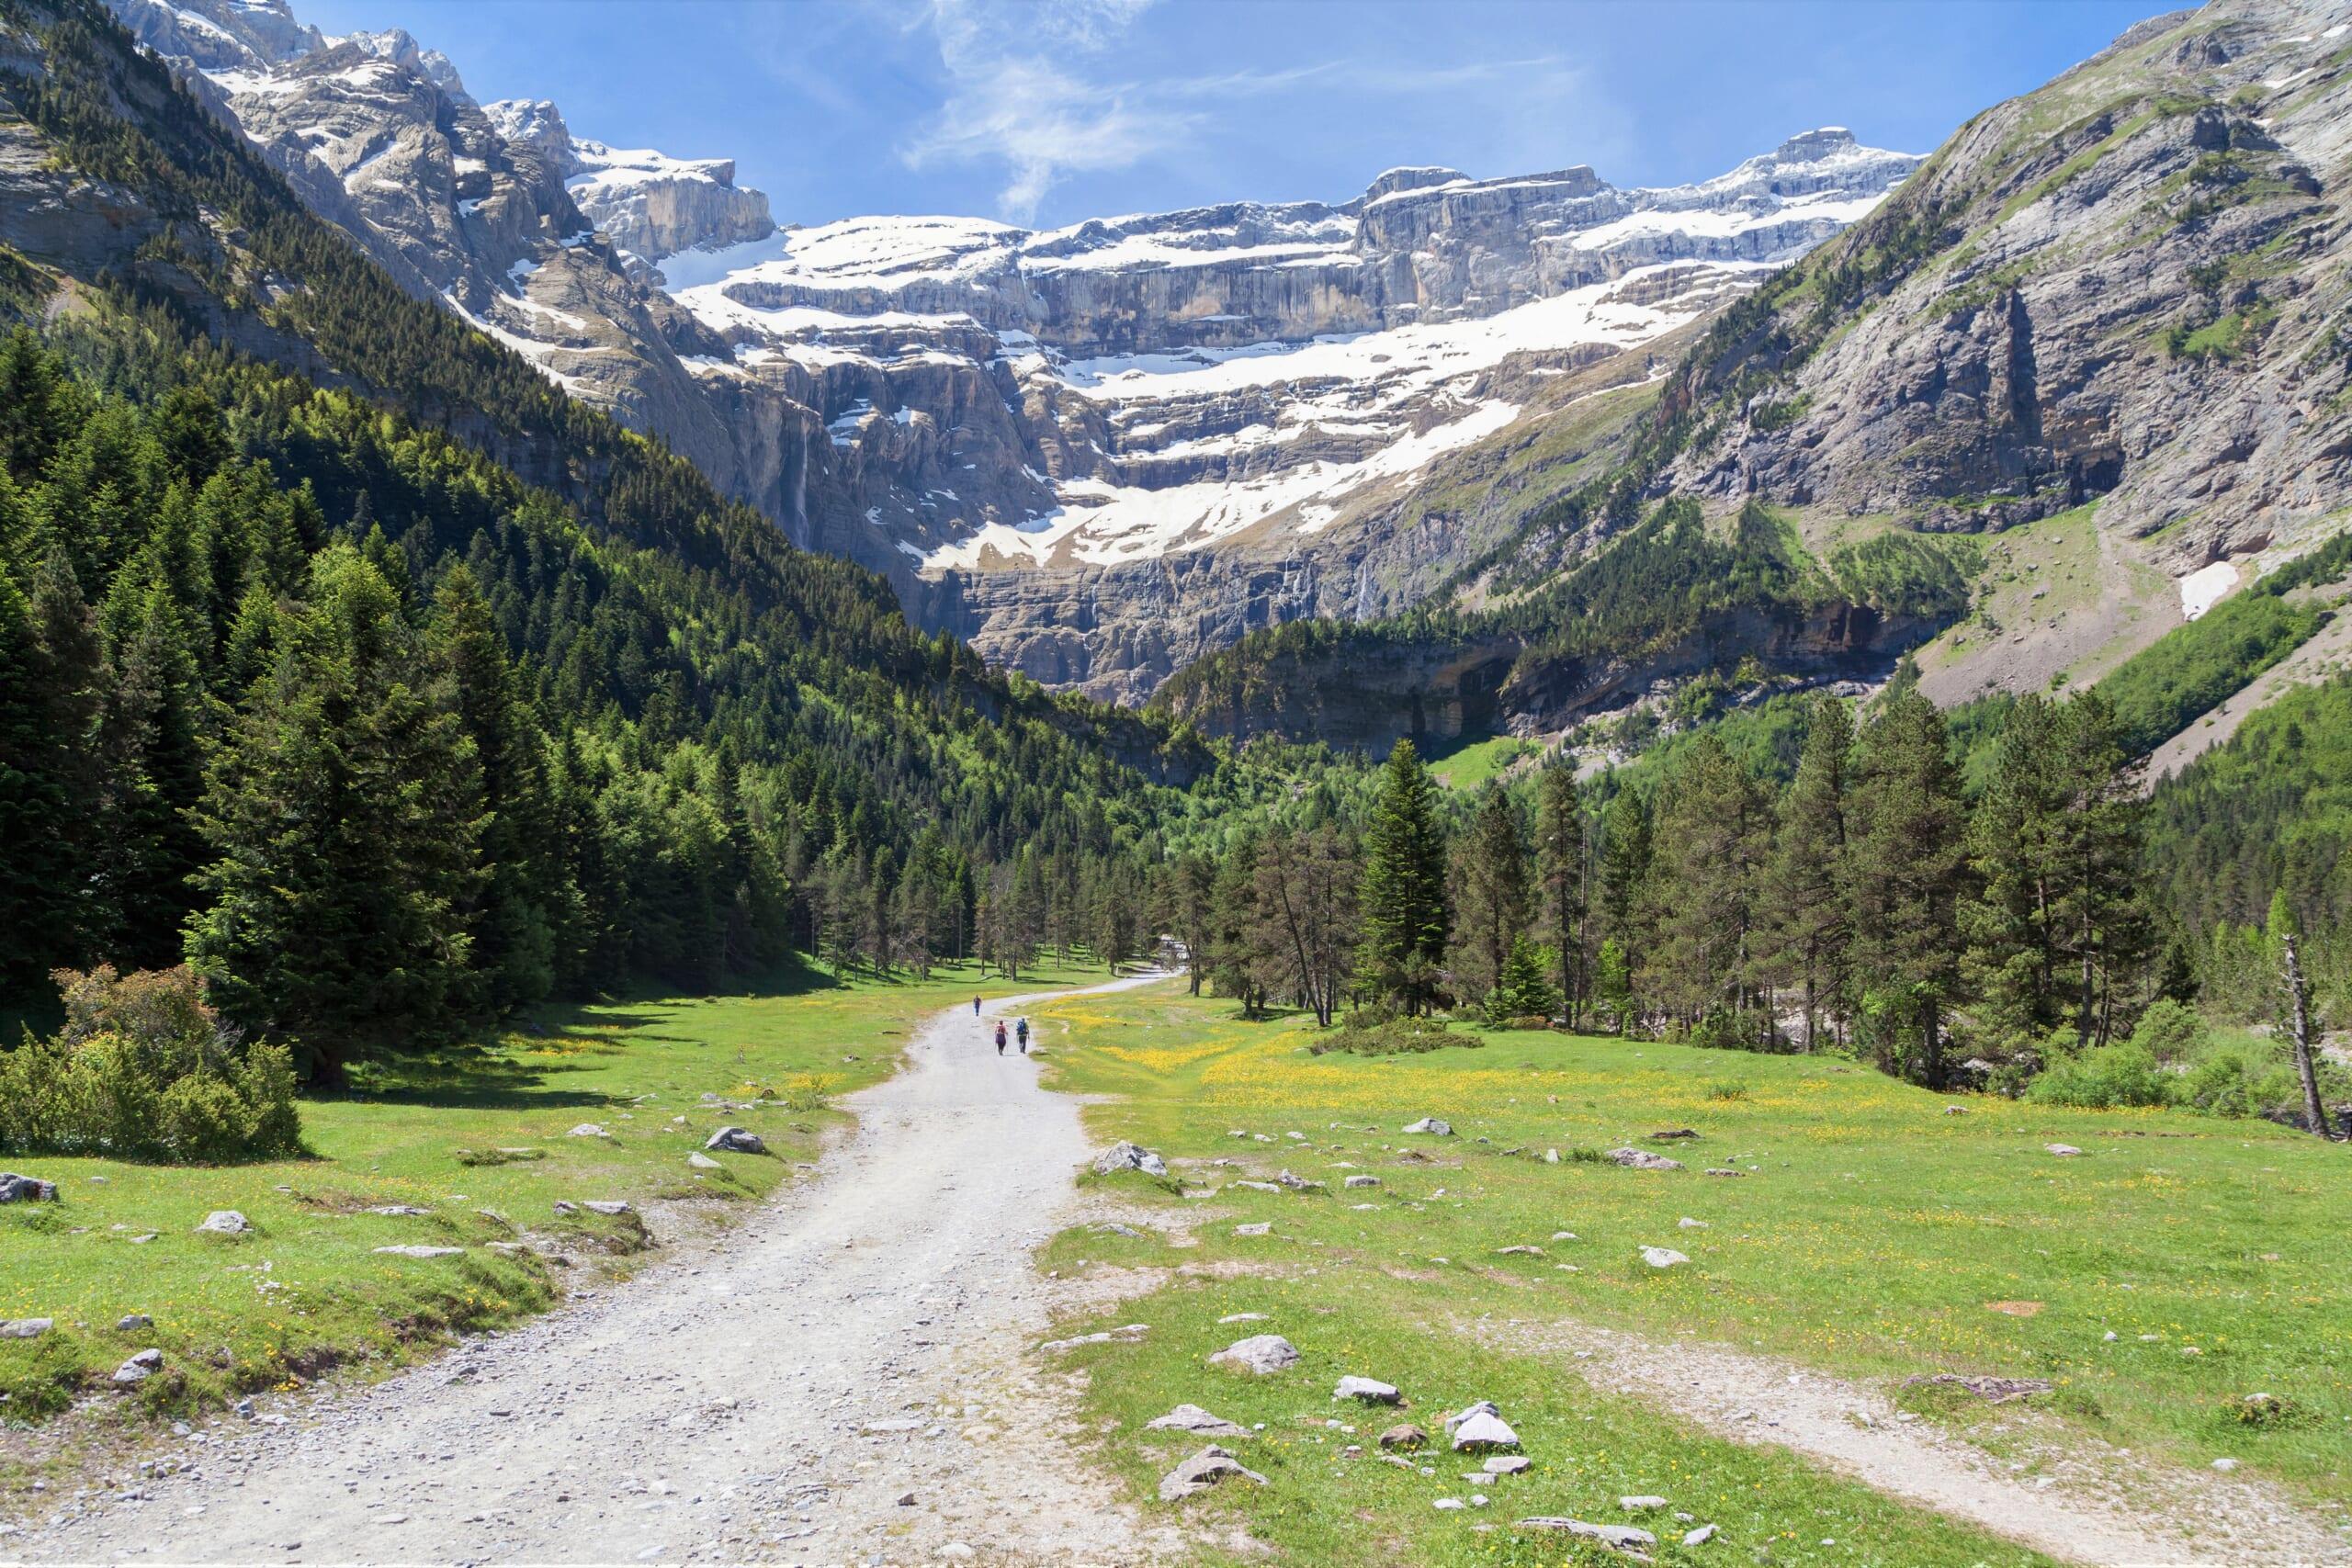 ピレネーに位置するガヴァルニー圏谷